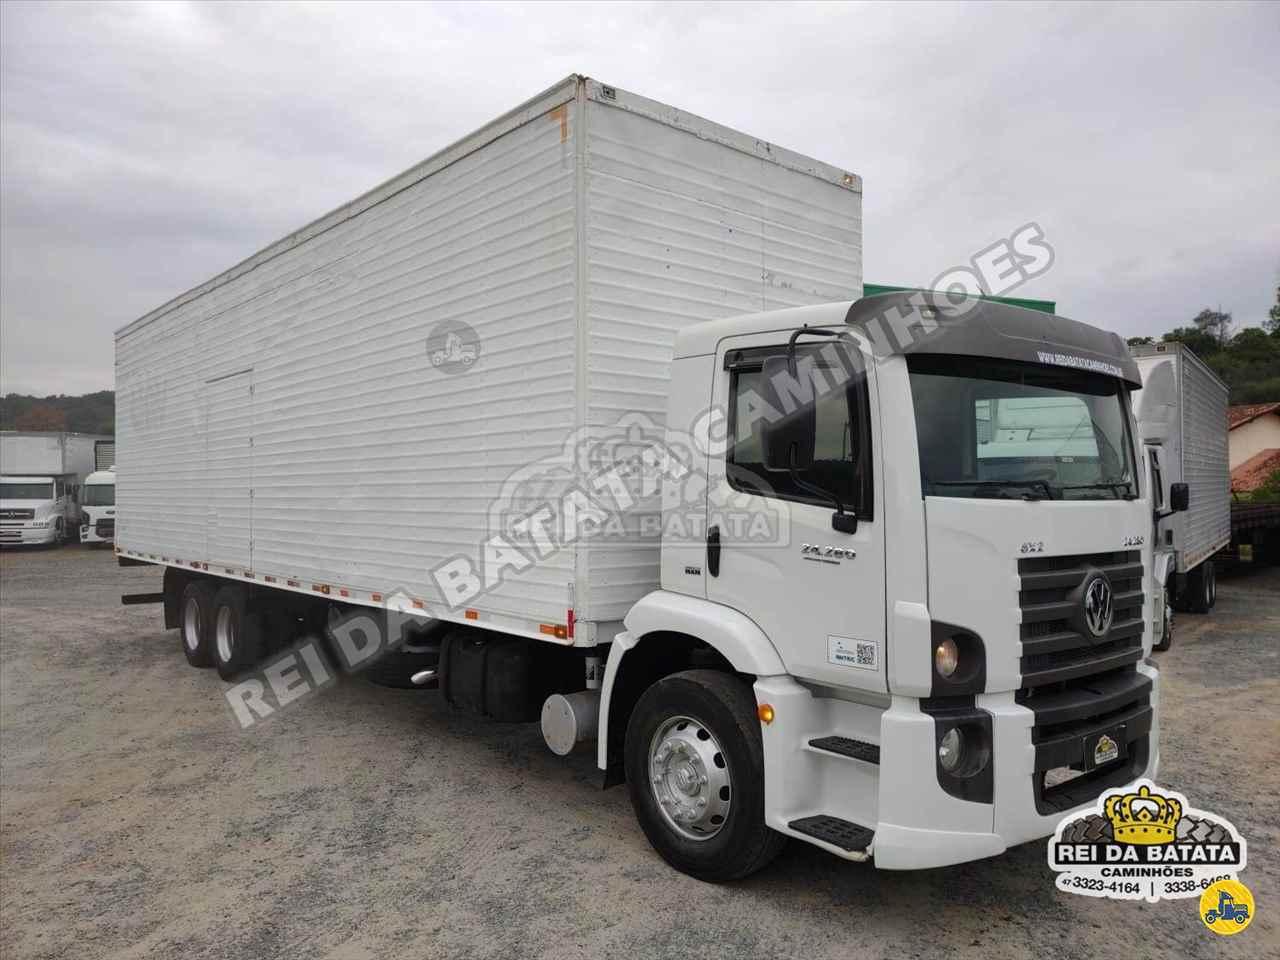 CAMINHAO VOLKSWAGEN VW 24280 Baú Furgão Truck 6x2 Rei da Batata Caminhões BLUMENAU SANTA CATARINA SC